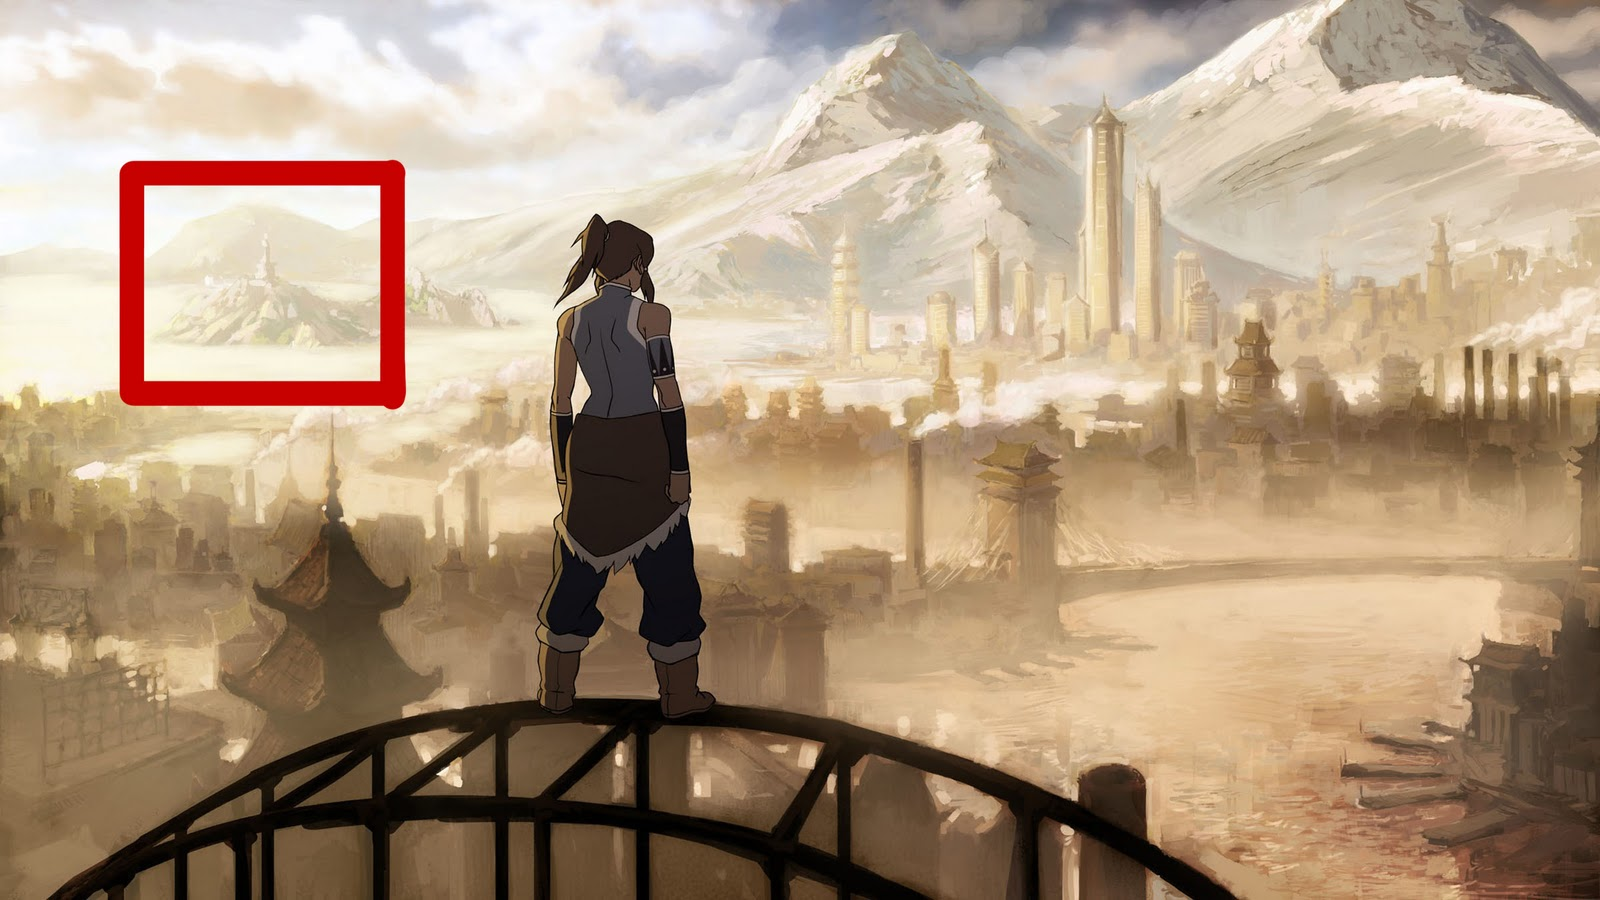 http://1.bp.blogspot.com/-KLWd2G0x_yA/TWFuuCMy0ZI/AAAAAAAAA-o/WiiOX2wVtyw/s1600/Avatar_Legend_of_Korraw.jpg